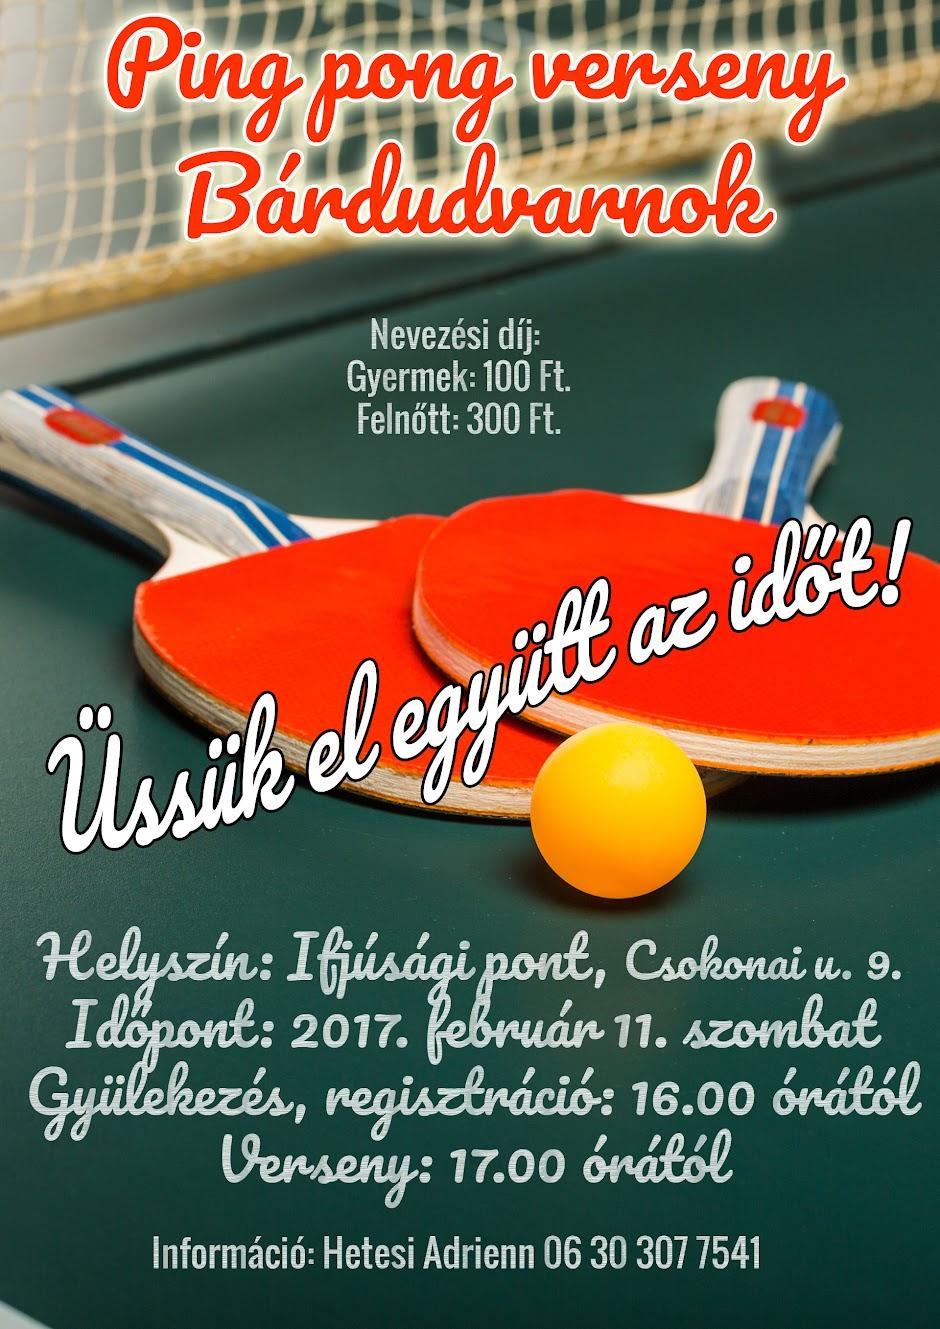 Ping pong verseny plakát Bárdudvarnok 2017